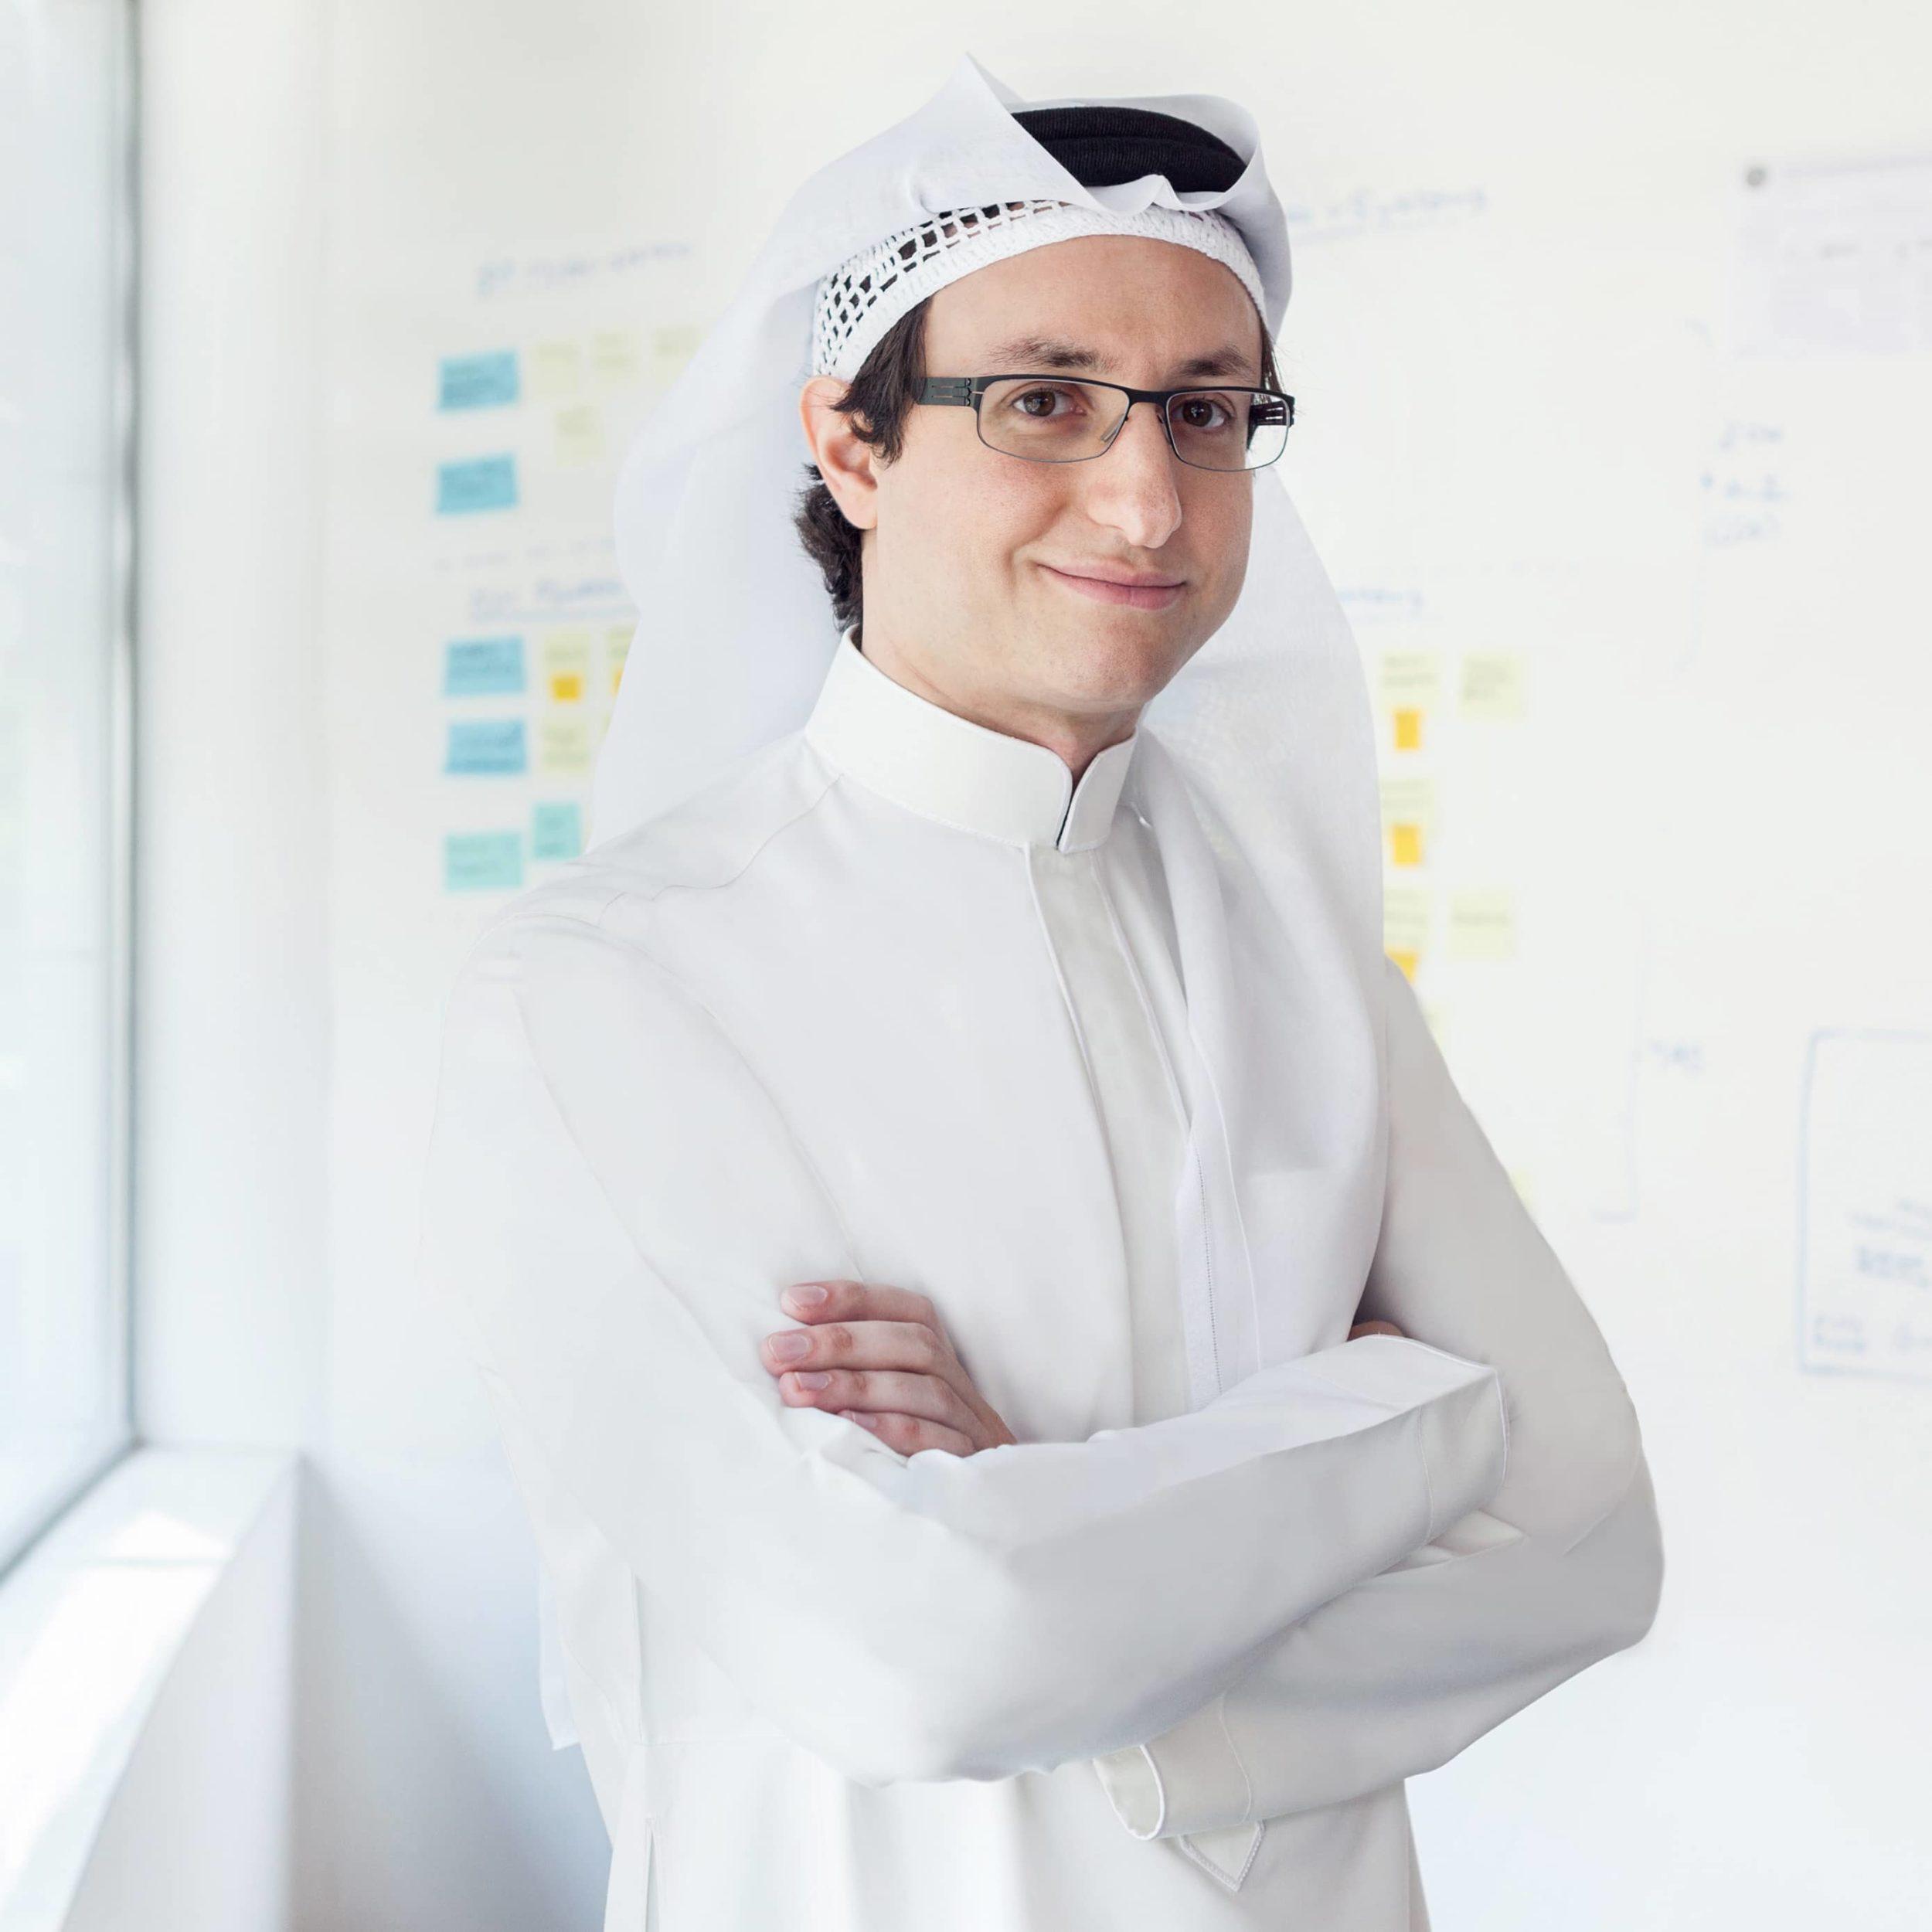 Nueva agrupación empresarial para ofrecer conocimientos técnicos en gestión empresarial simplificada